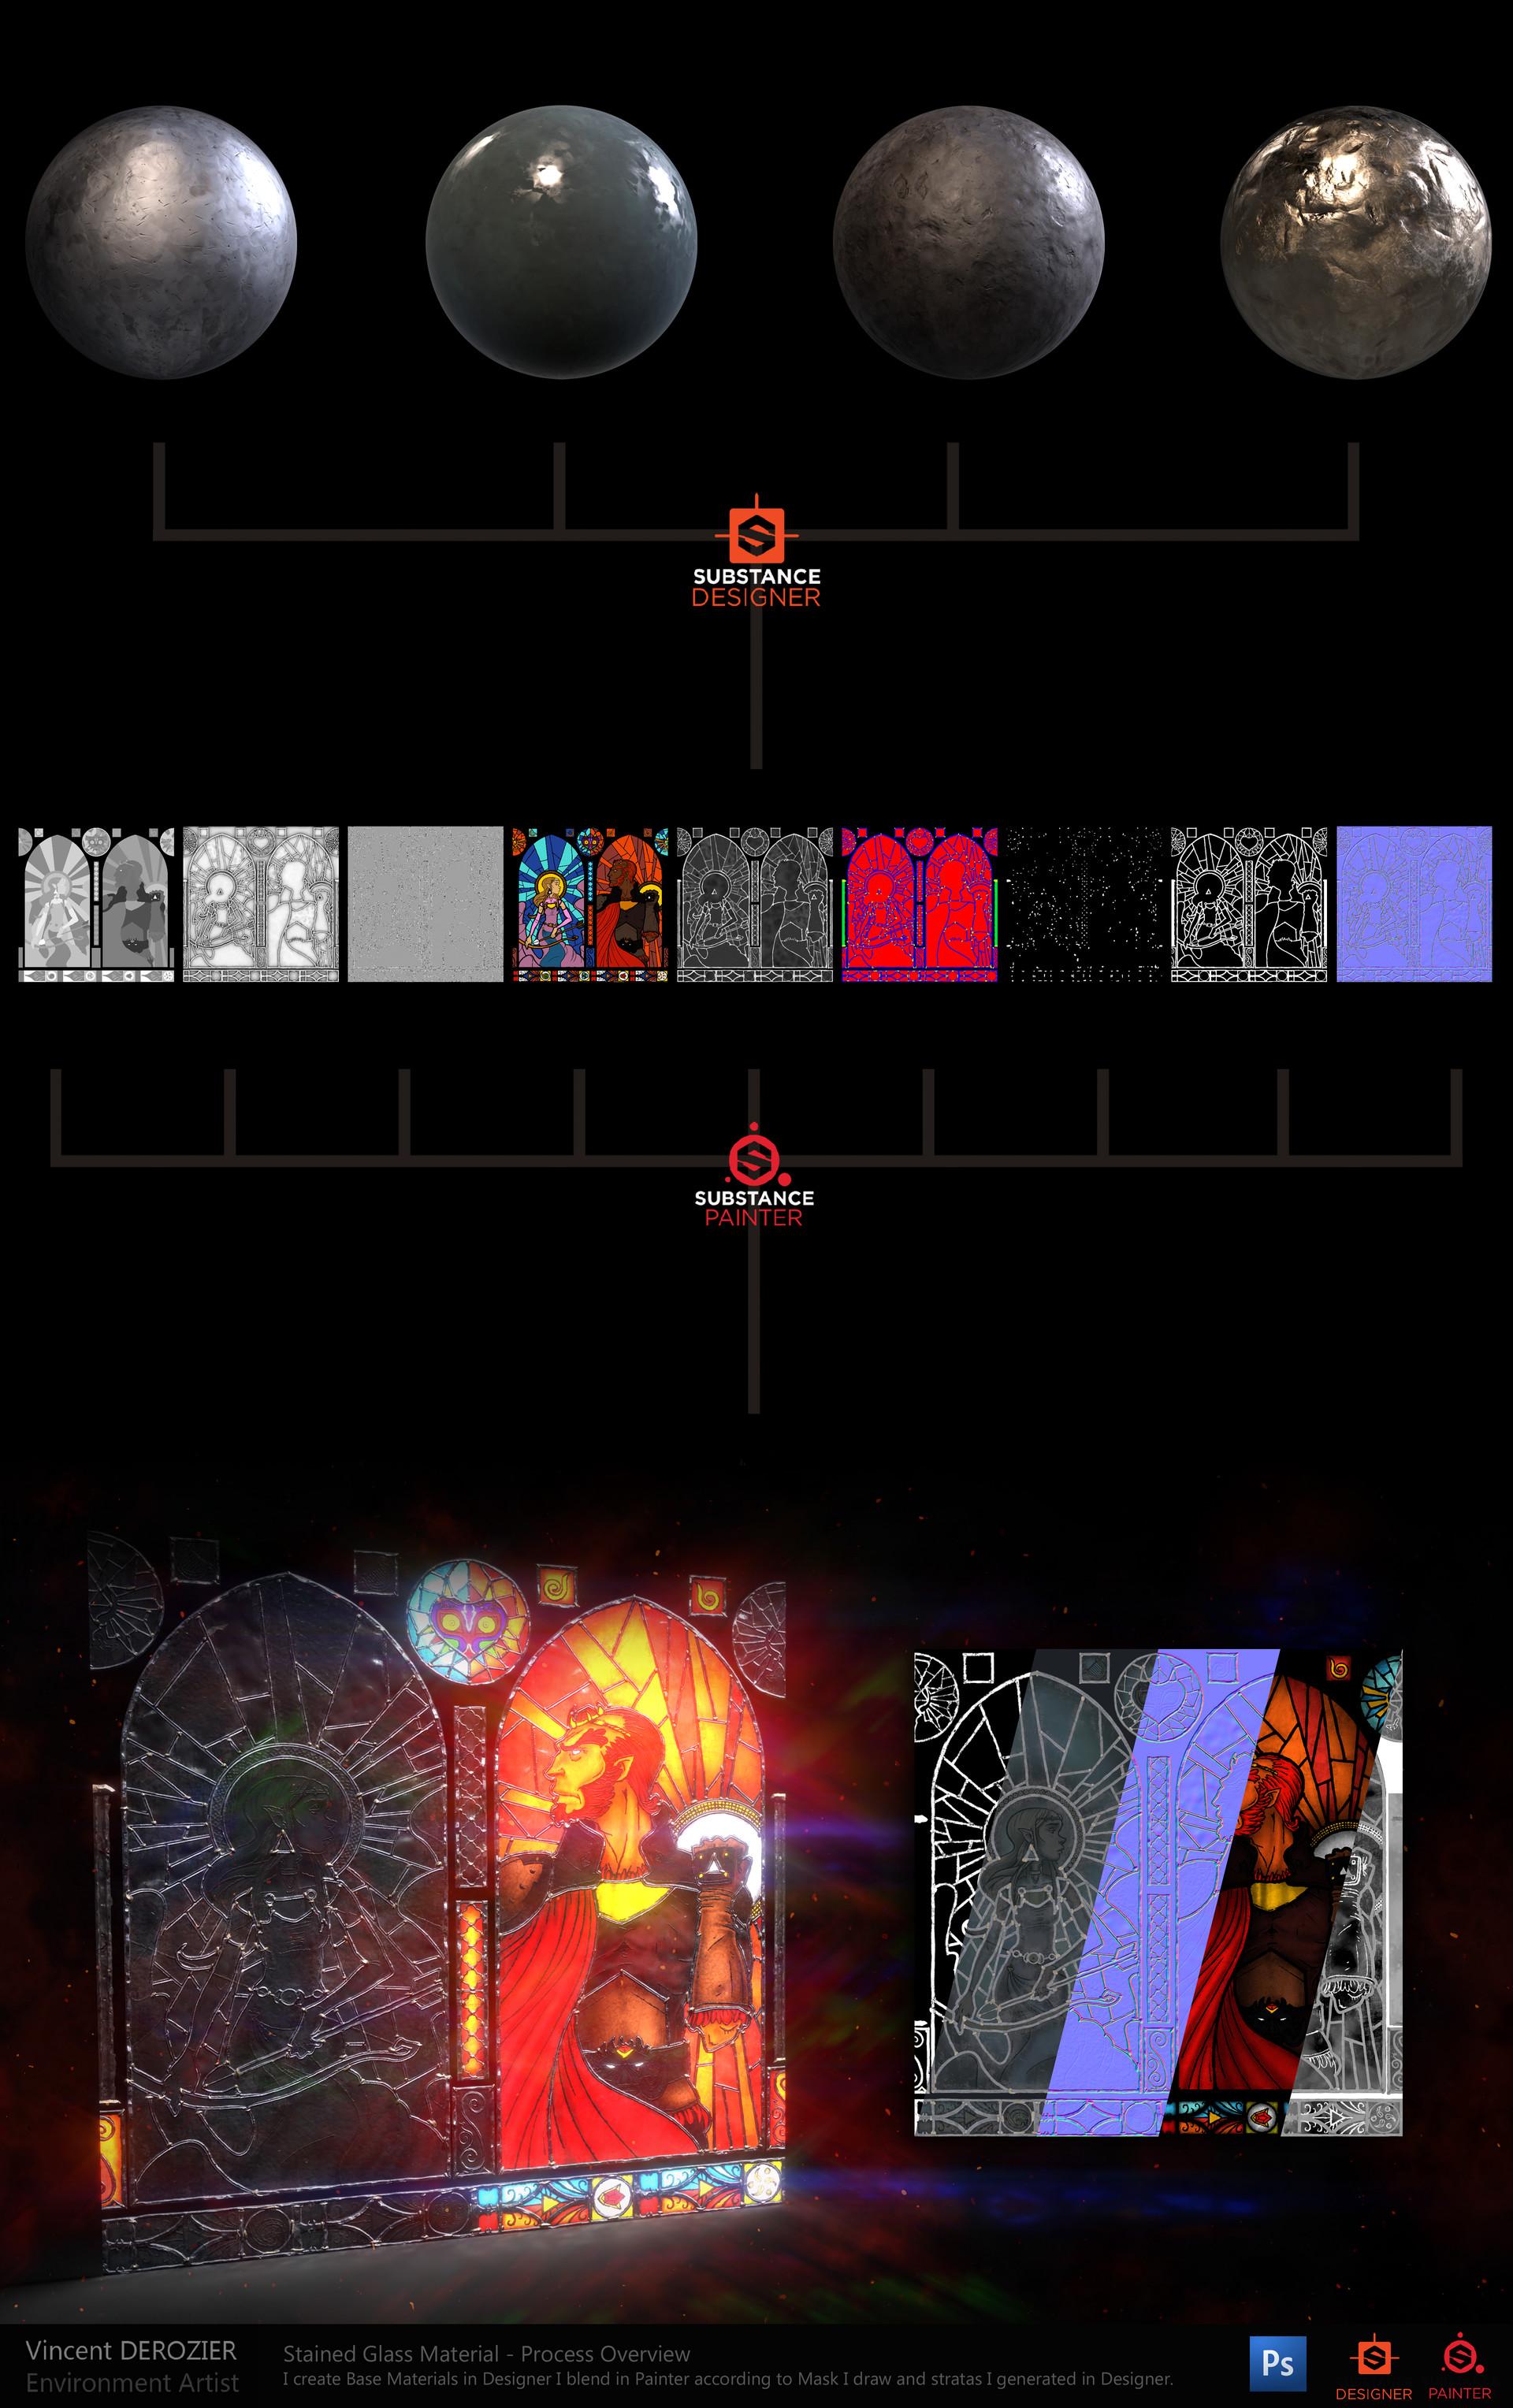 Vincent derozier 10 taintedglass 15